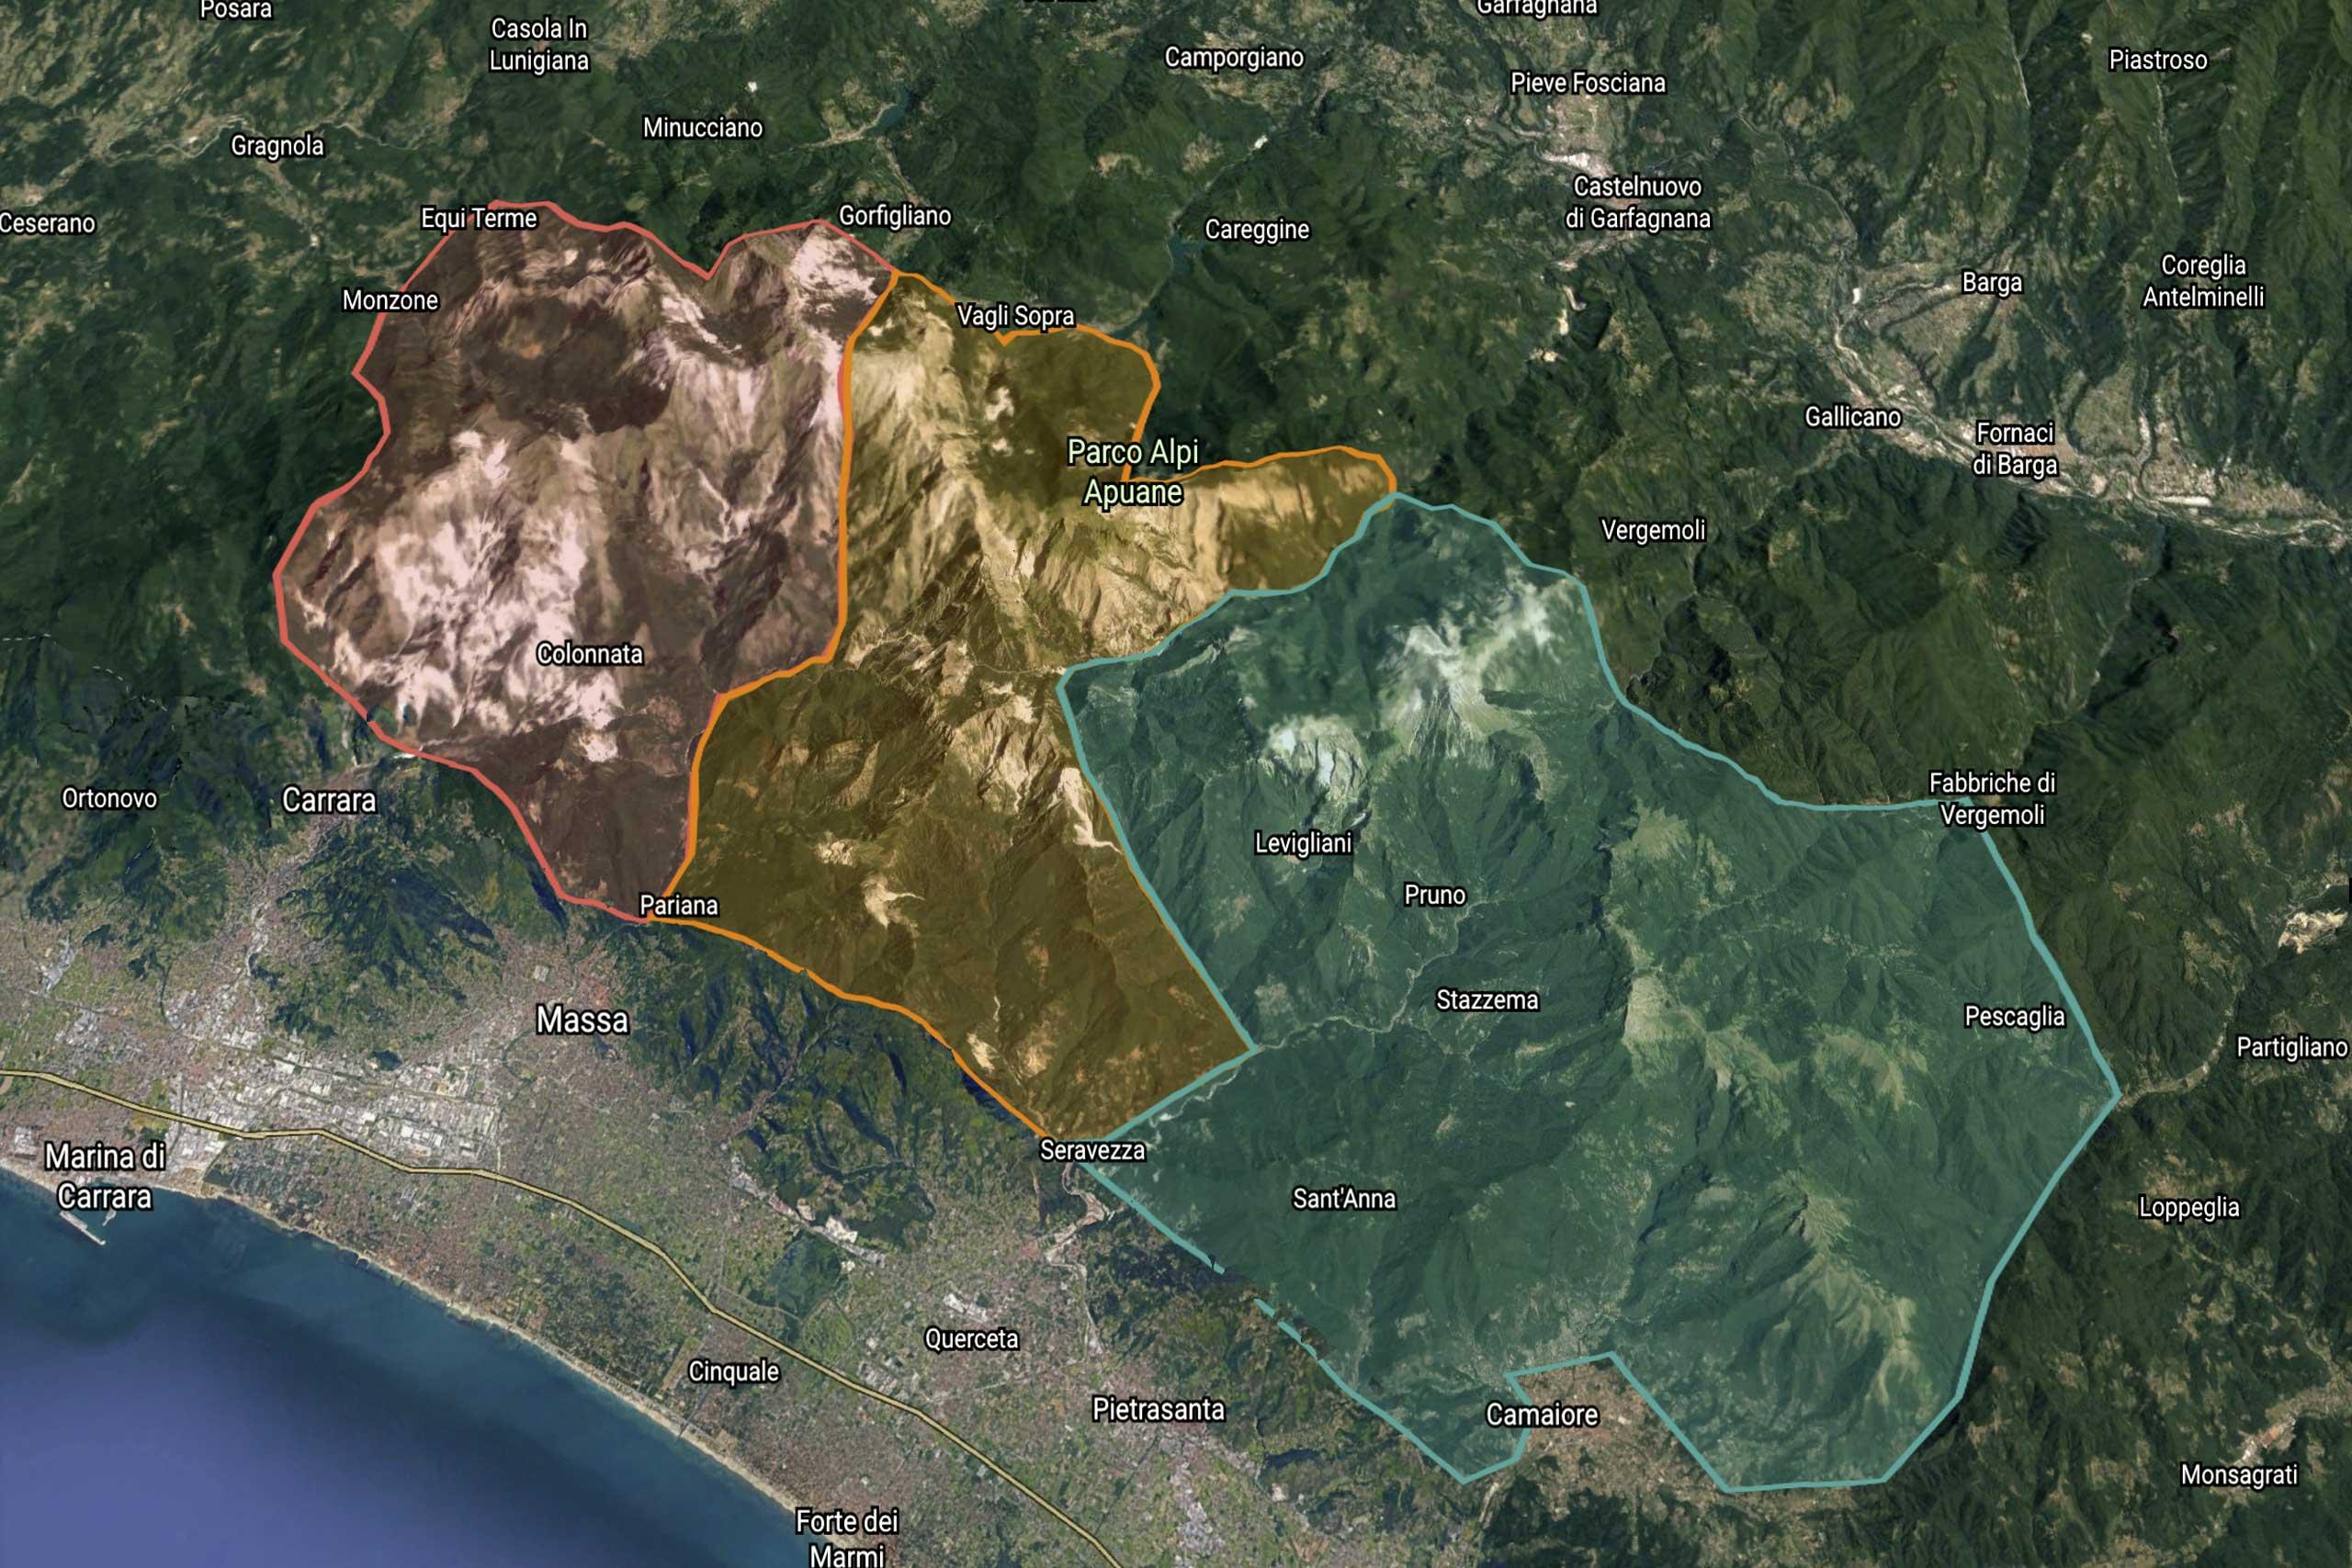 Uno sreenshot di Google Earth sulla catena montuosa delle Apuane. In rosa le settentrionali, in giallo le centrali e in azzurro le meridionali.